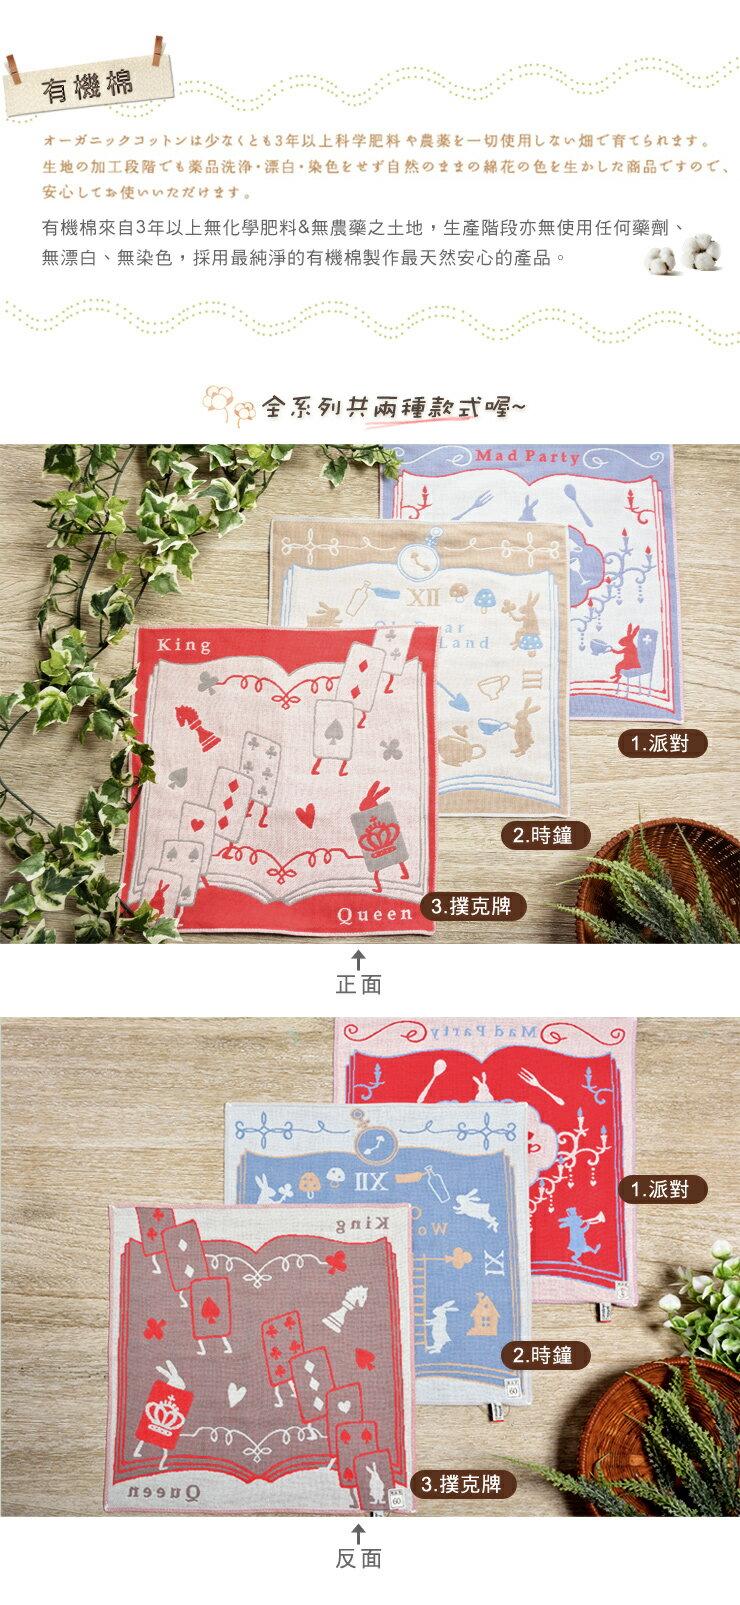 日本今治 - ORUNET - 時鐘緹花手帕(棕)《日本設計製造》《全館免運費》,有機棉,純棉100%,觸感細緻質地柔軟,吸水性強,日本設計製造,天然水洗滌工法,不使用螢光染料,不添加染劑